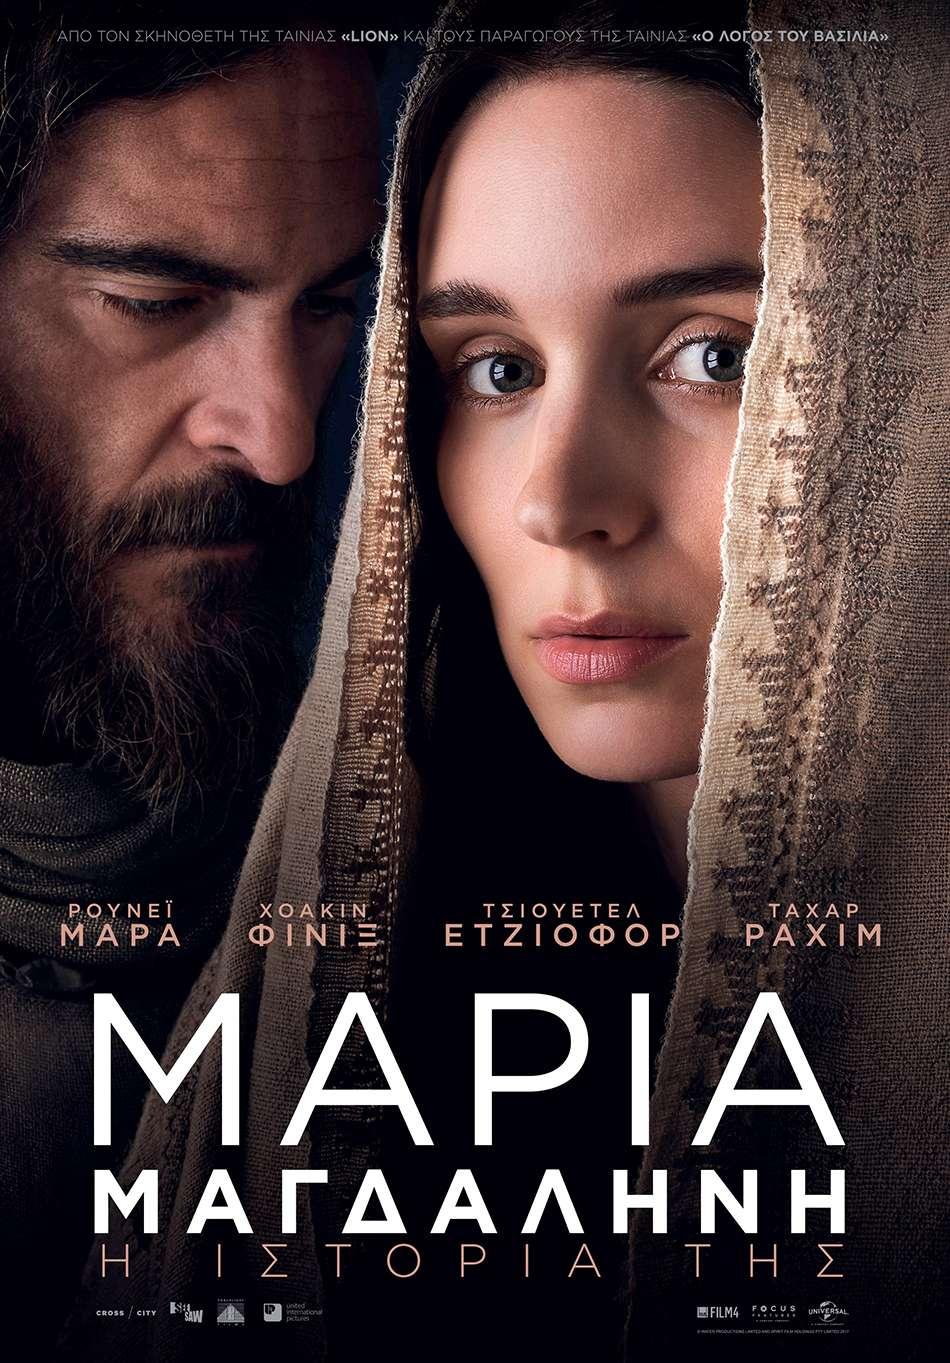 Μαρία Μαγδαληνή (Mary Magdalene) Poster Πόστερ